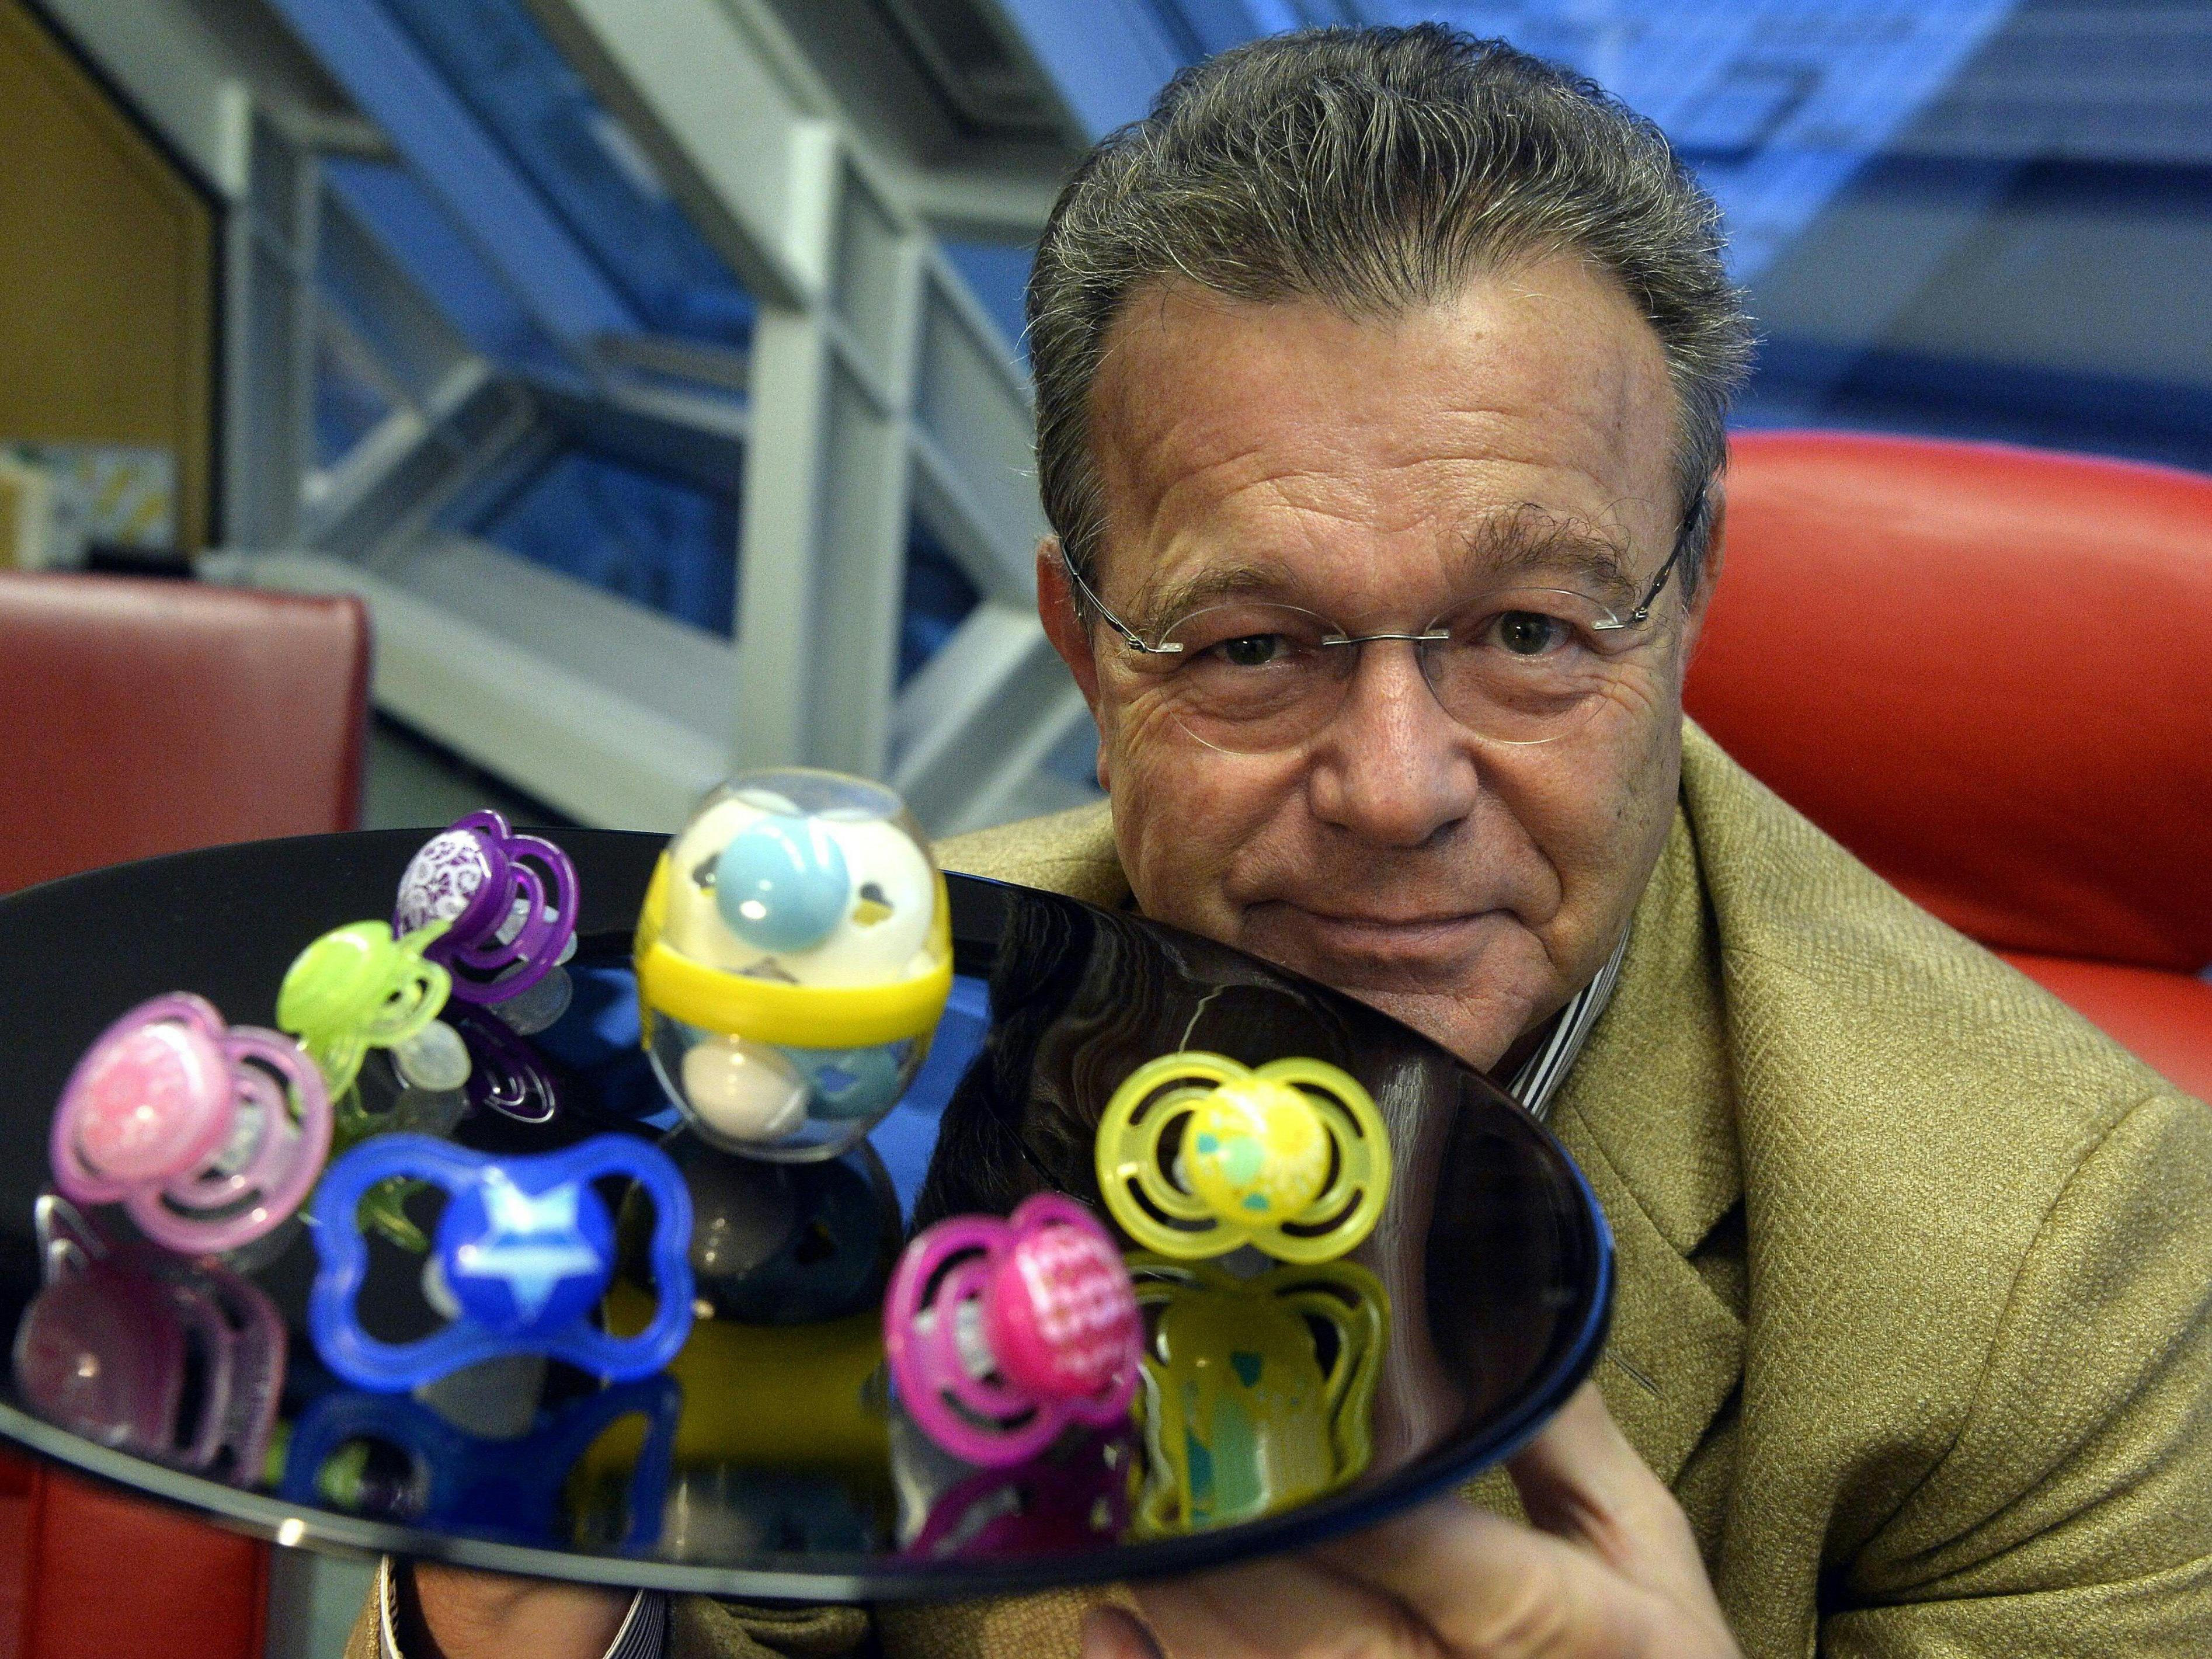 Peter Röhrig, Gründer und Geschäftsführer von MAM Babyartikel, beim Interview